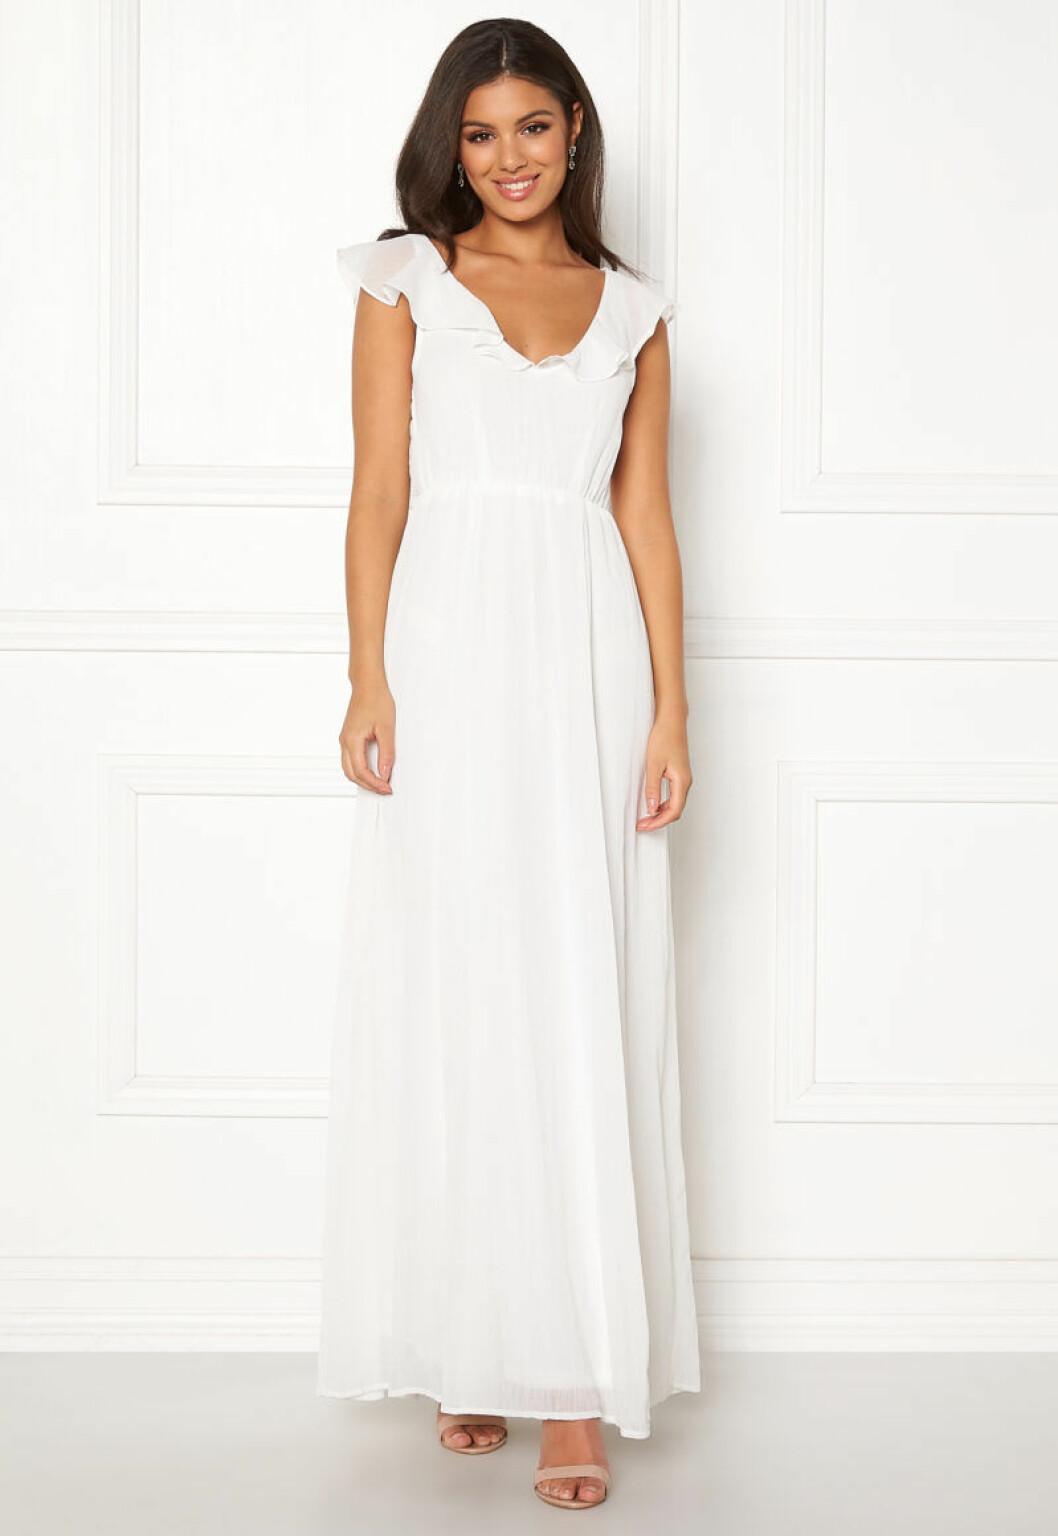 Vit klänning till brudtärnor